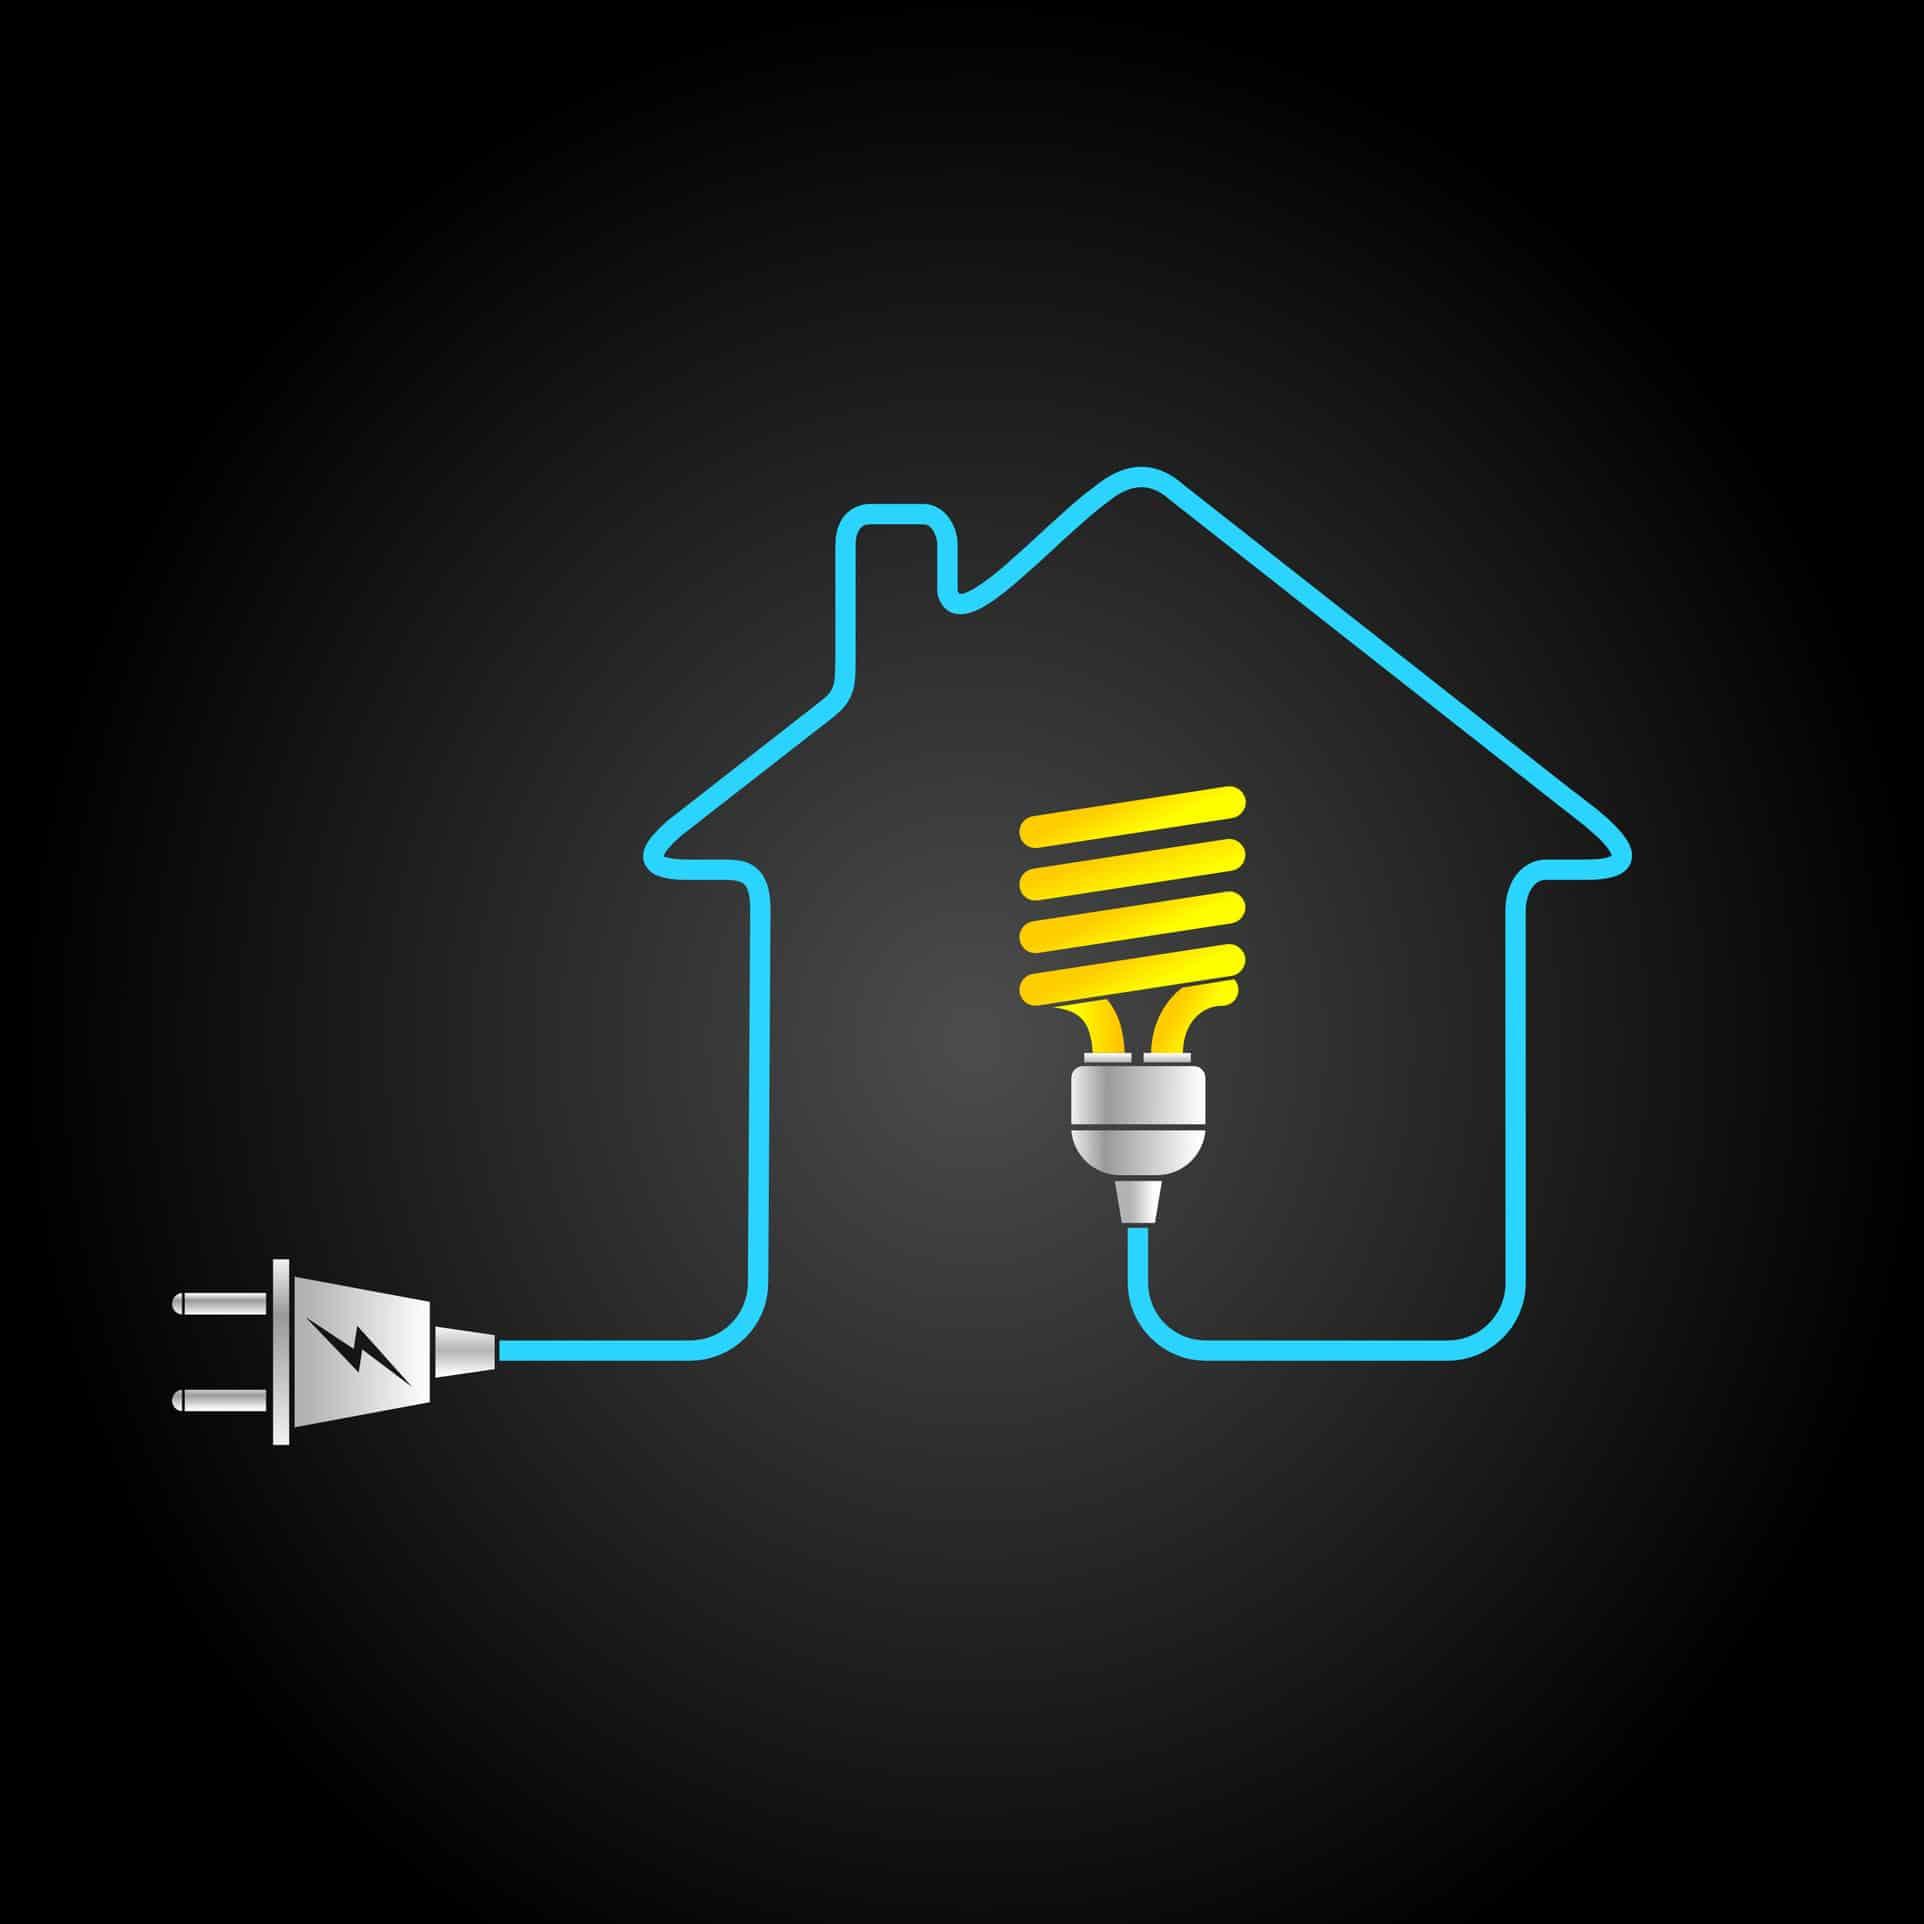 Contrat électricité Perpignan : comment bien choisir son contrat ?